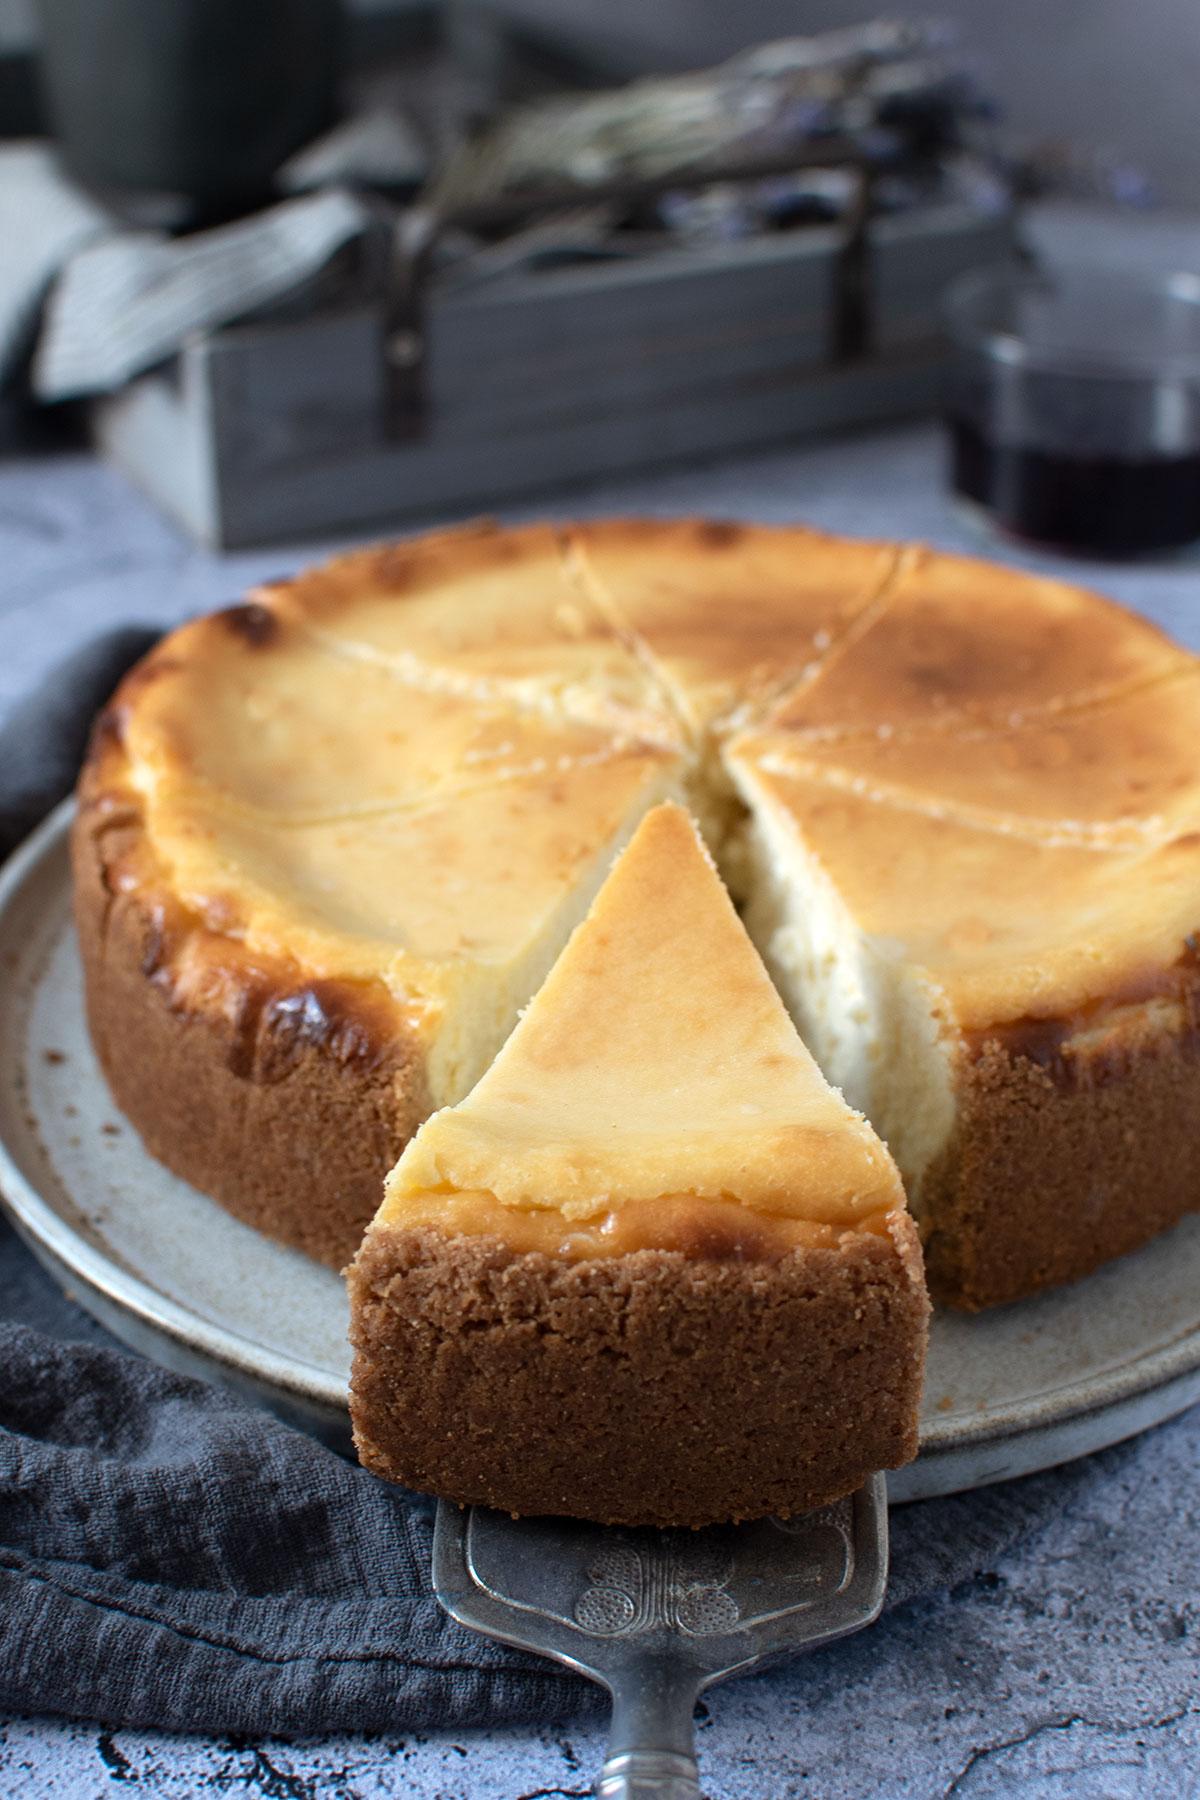 New York Cheesecake, αμερικάνικο cheesecake, cheesecake φούρνο, ψημένο